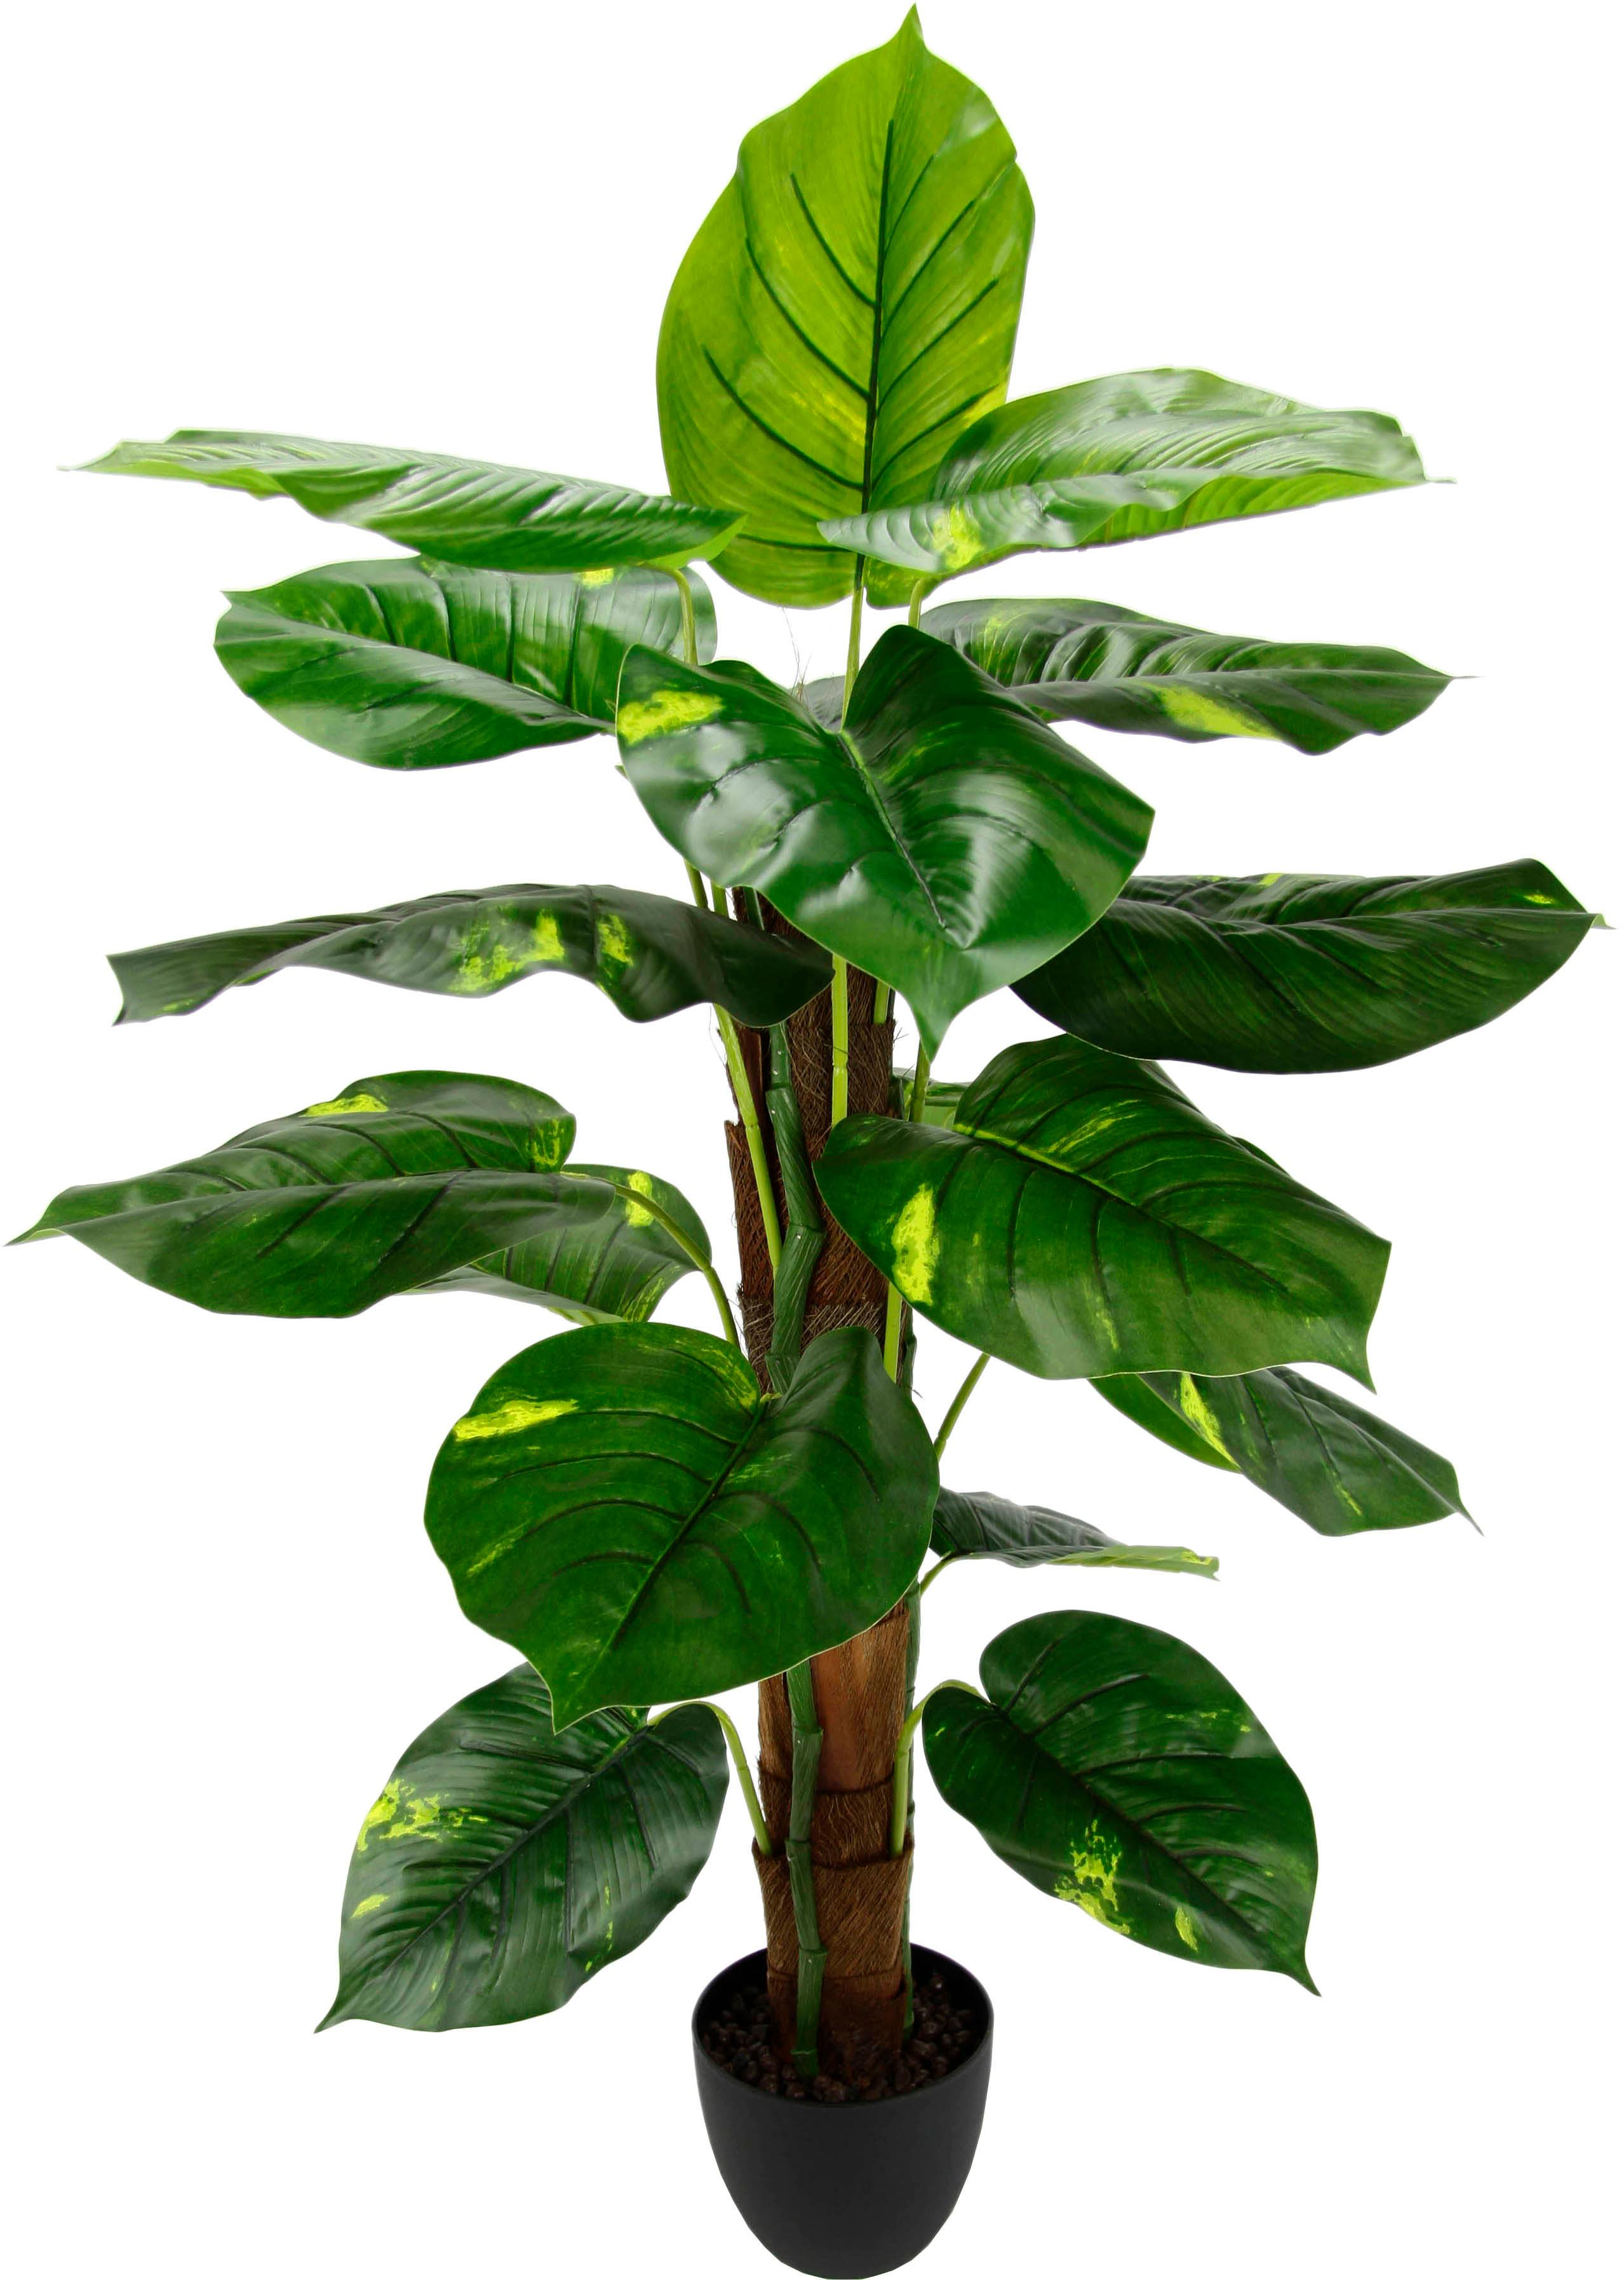 Kunstpflanze Wohnen/Möbel/Kleinmöbel/Kunstpflanzen/Künstliche Zimmerpflanzen